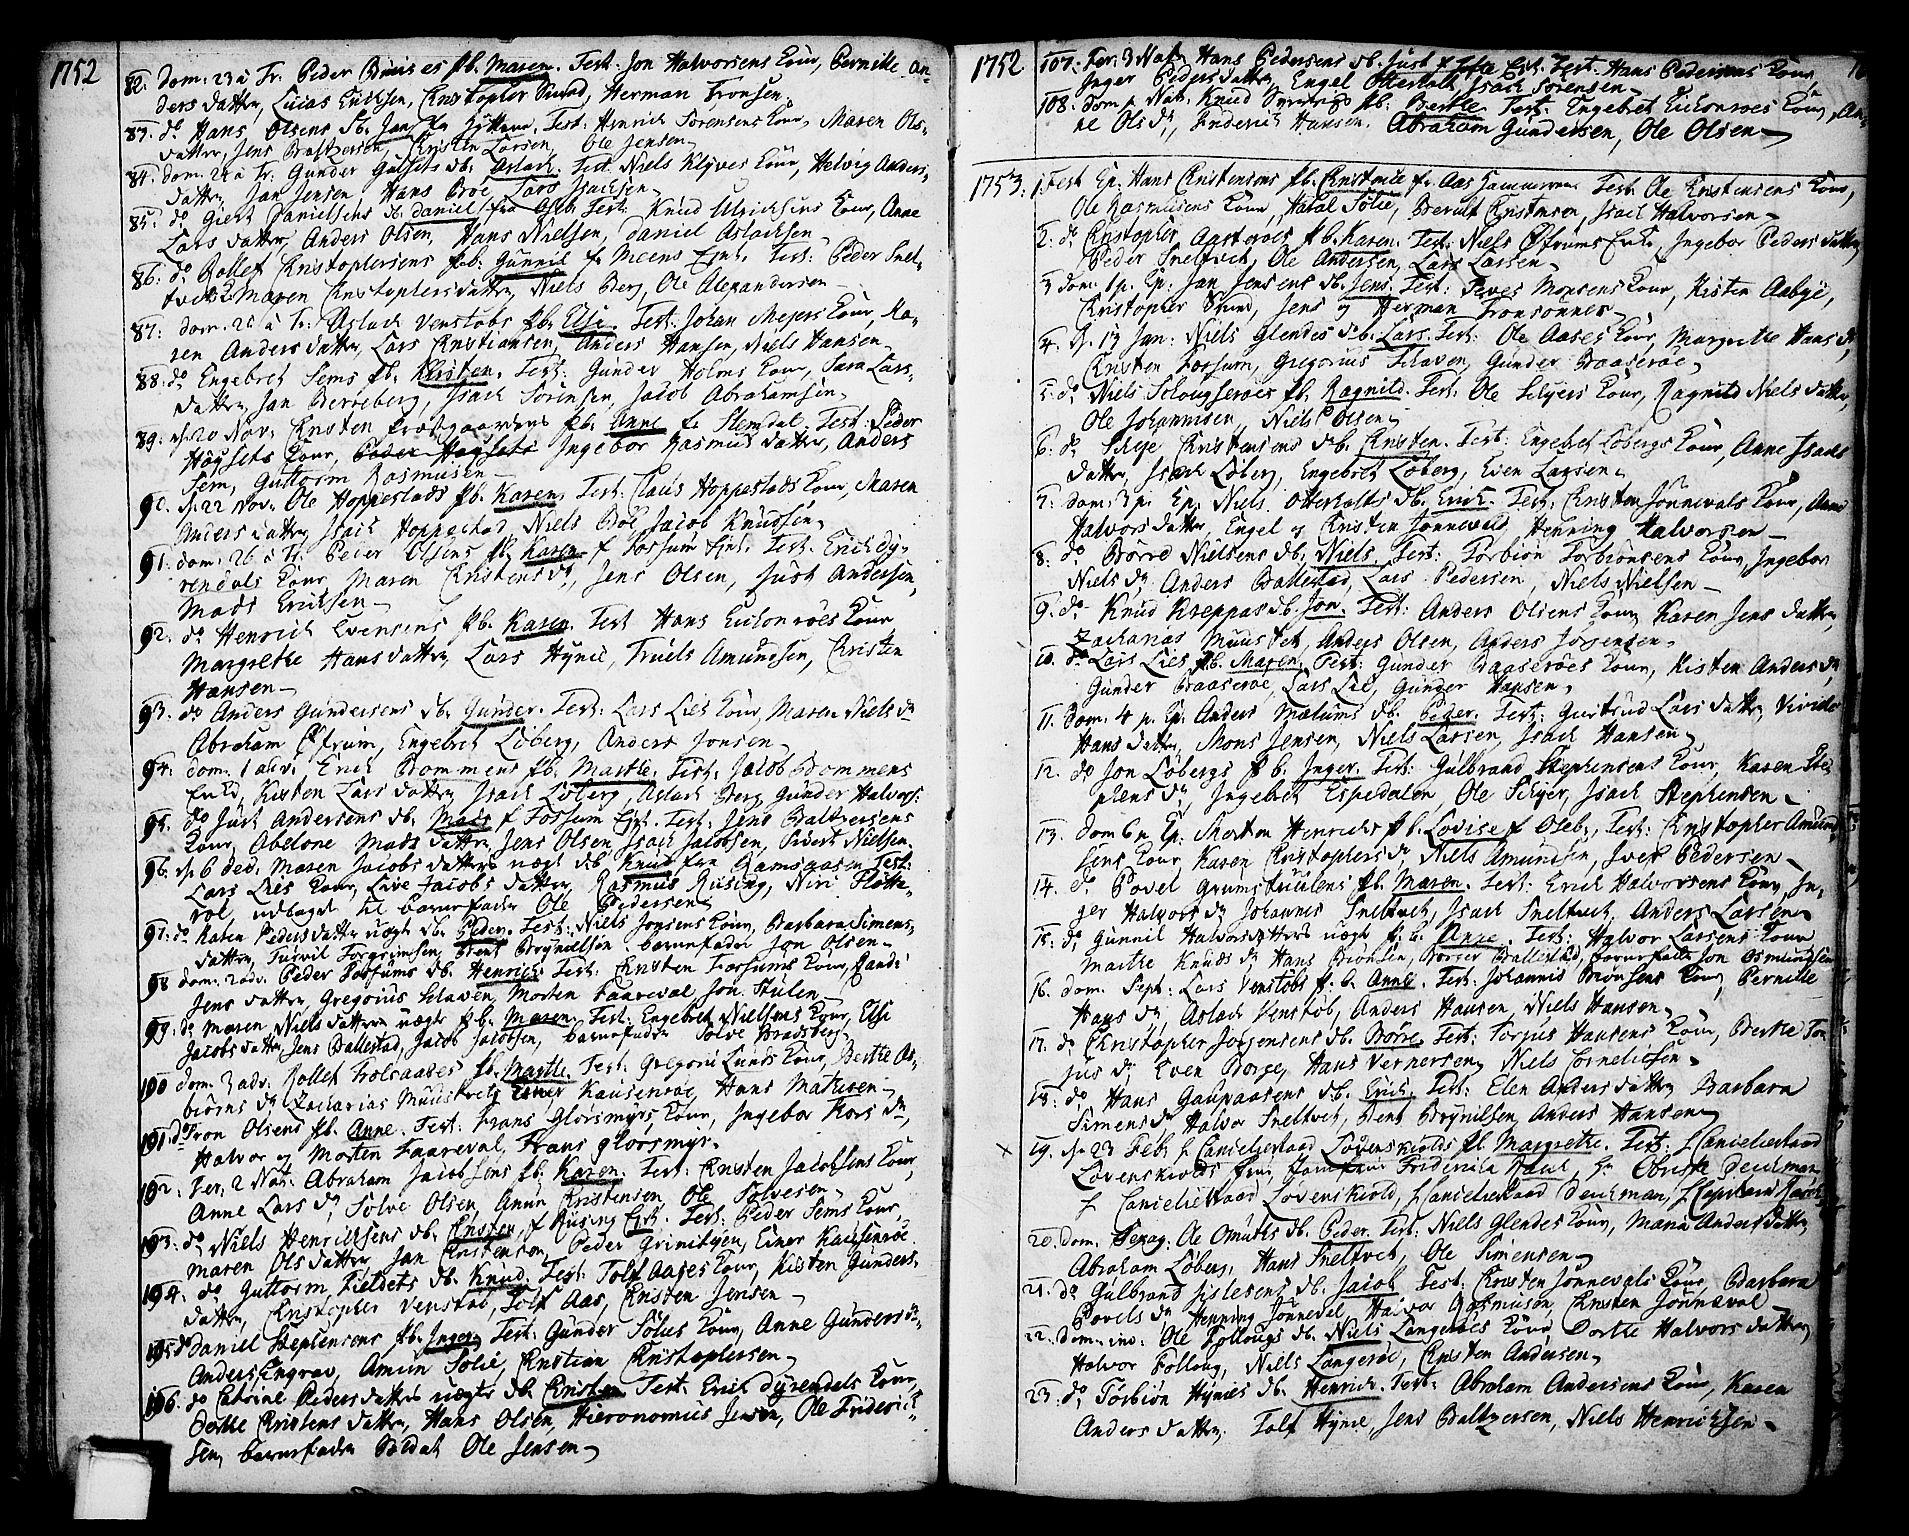 SAKO, Gjerpen kirkebøker, F/Fa/L0002: Ministerialbok nr. 2, 1747-1795, s. 16